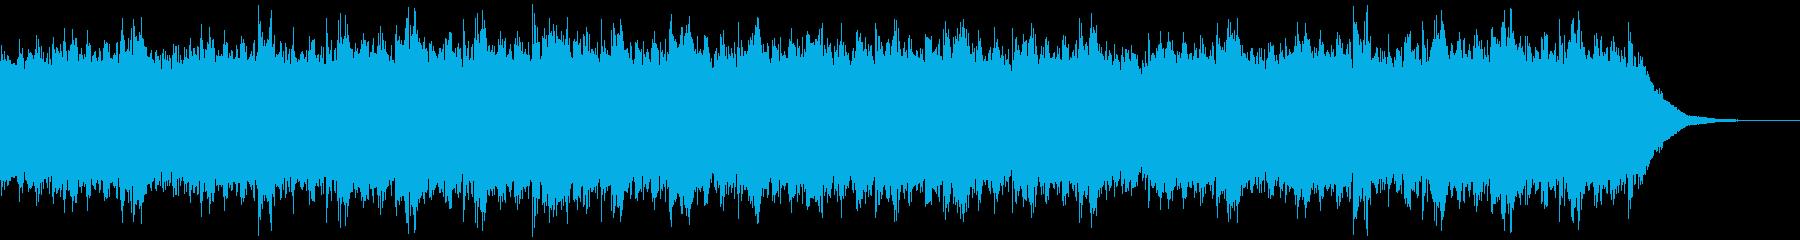 アンビエント、CG抽象的な映像のBGMの再生済みの波形